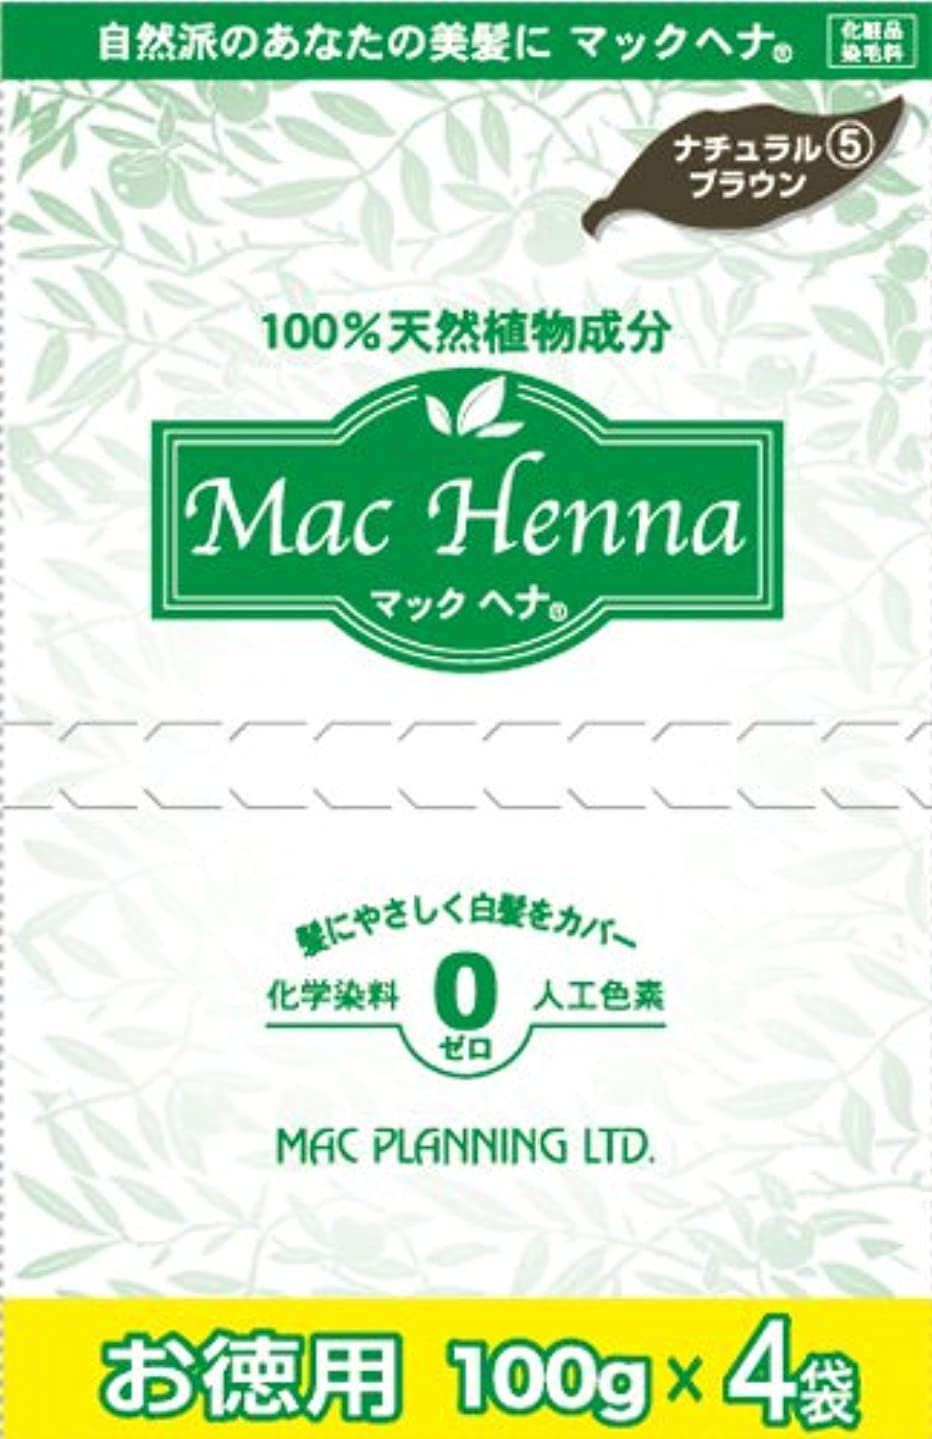 映画誰無知天然植物原料100% 無添加 マックヘナ お徳用(ナチュラルブラウン)-5  400g(100g×4袋)3箱セット